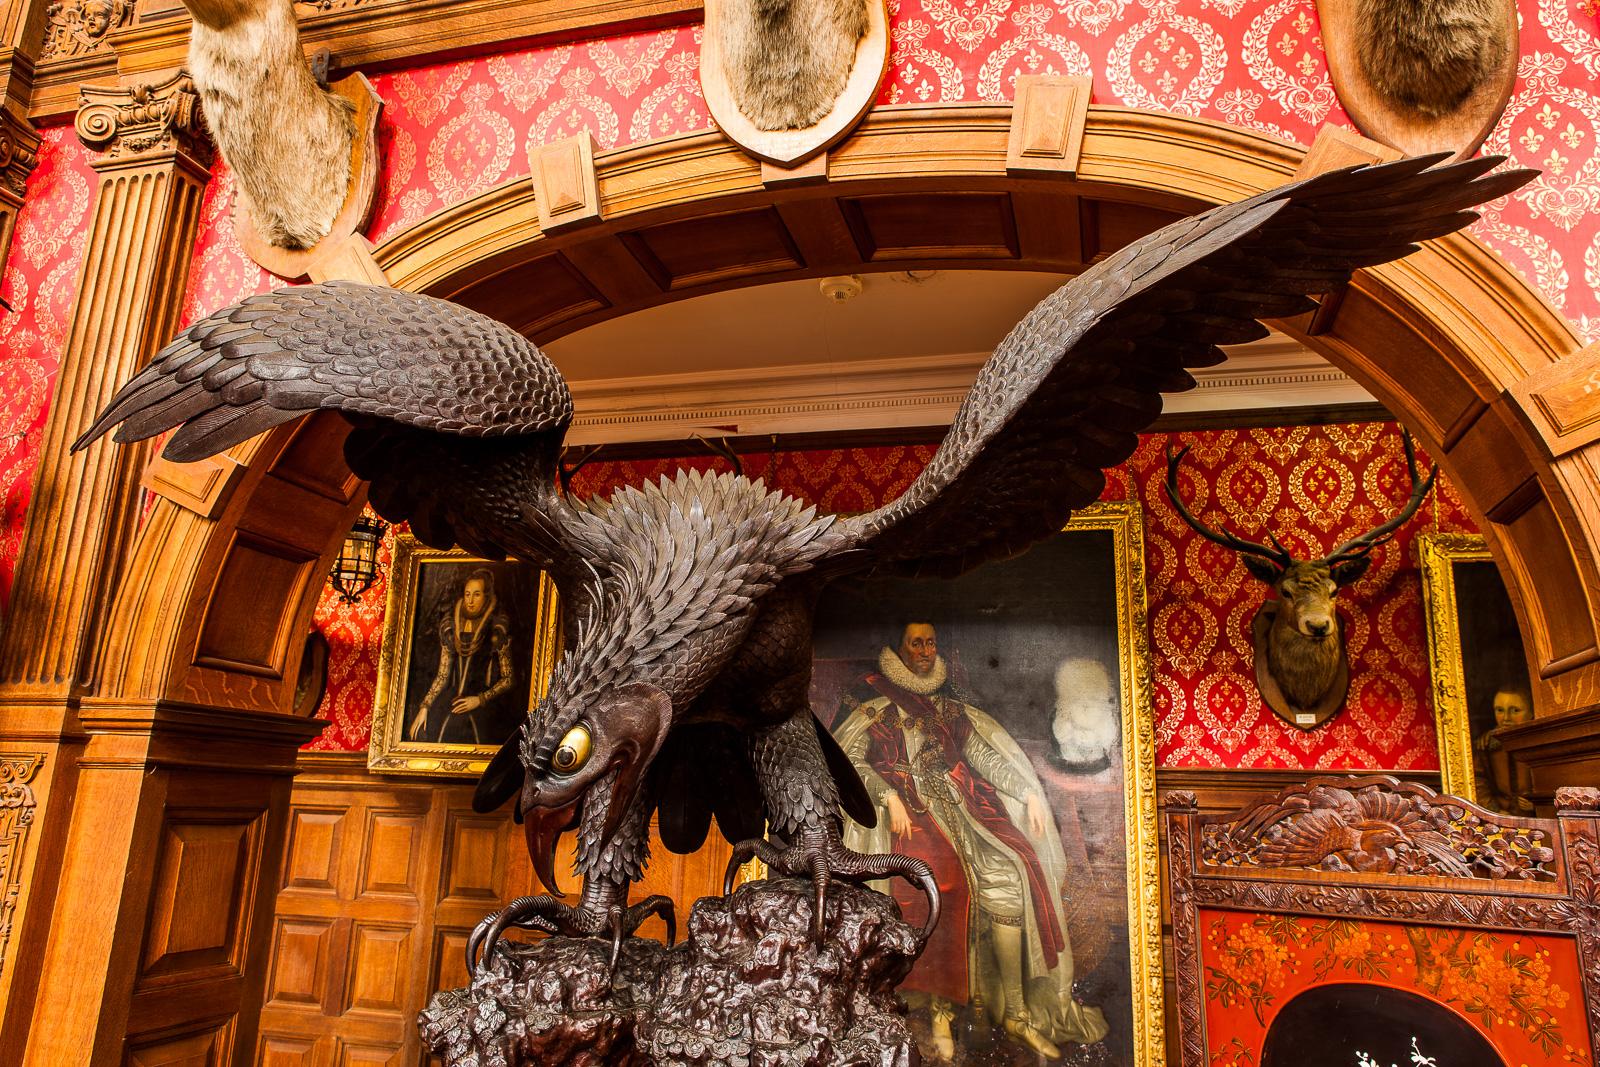 9 The Eagle